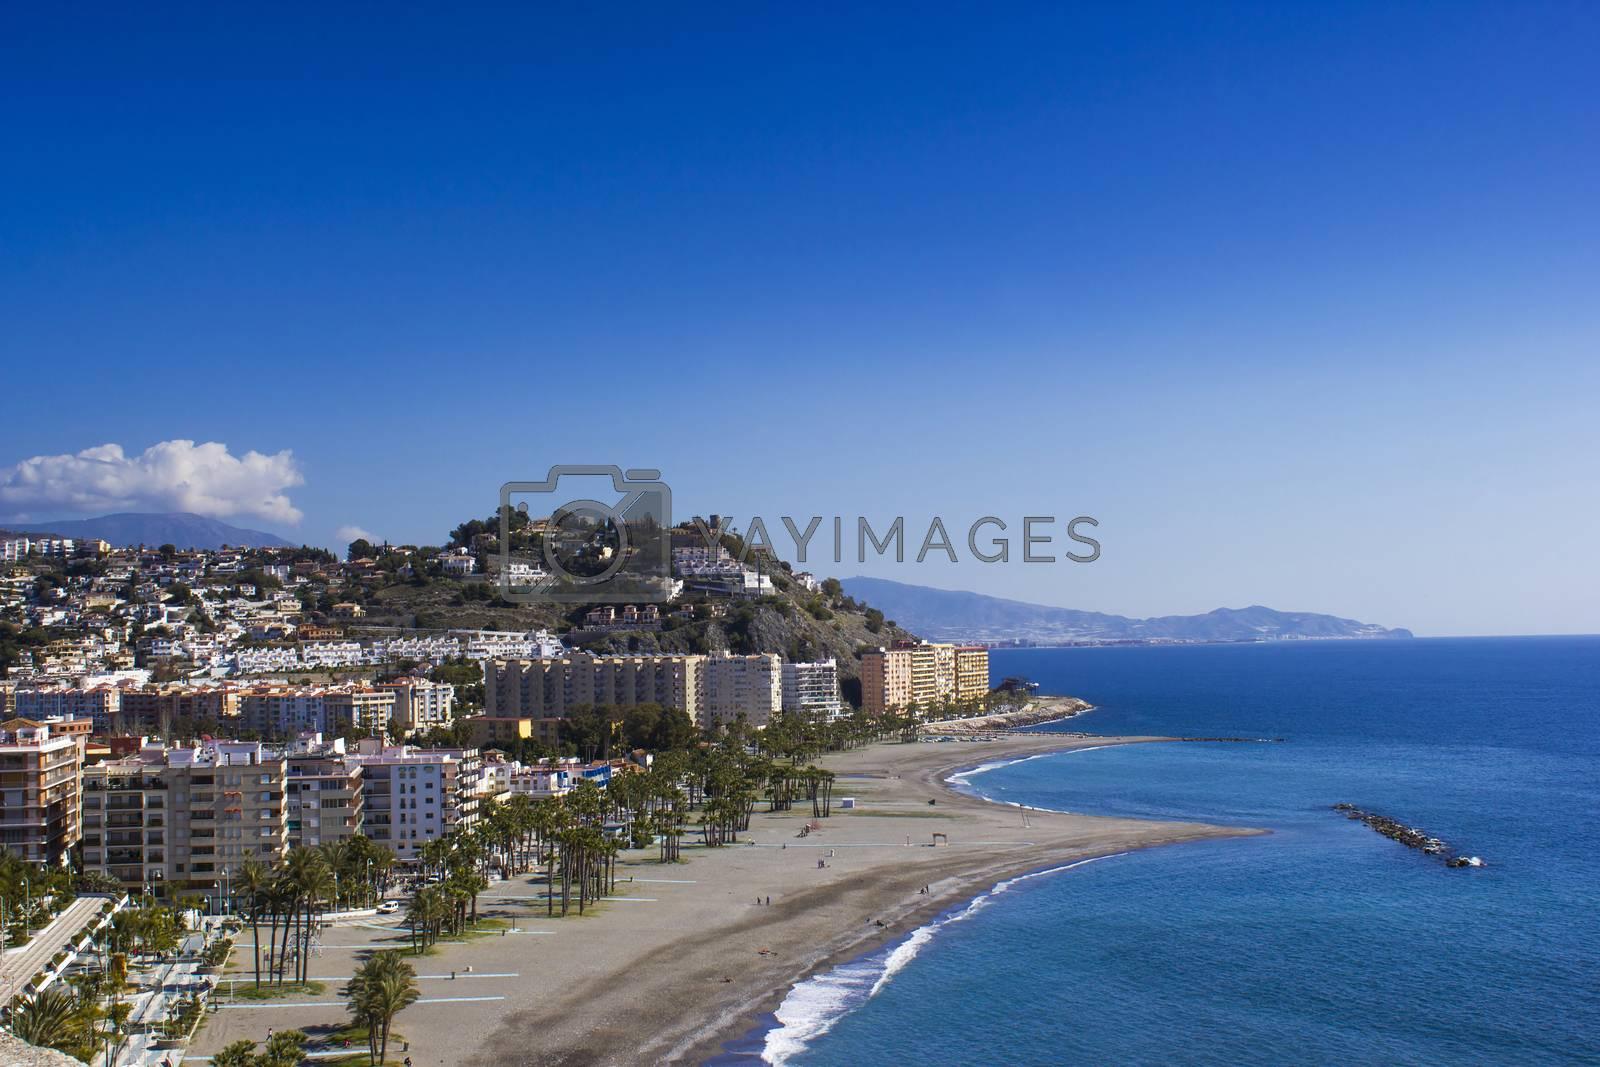 Playa De La Caletilla, Almunecar, Andalusia, Spain